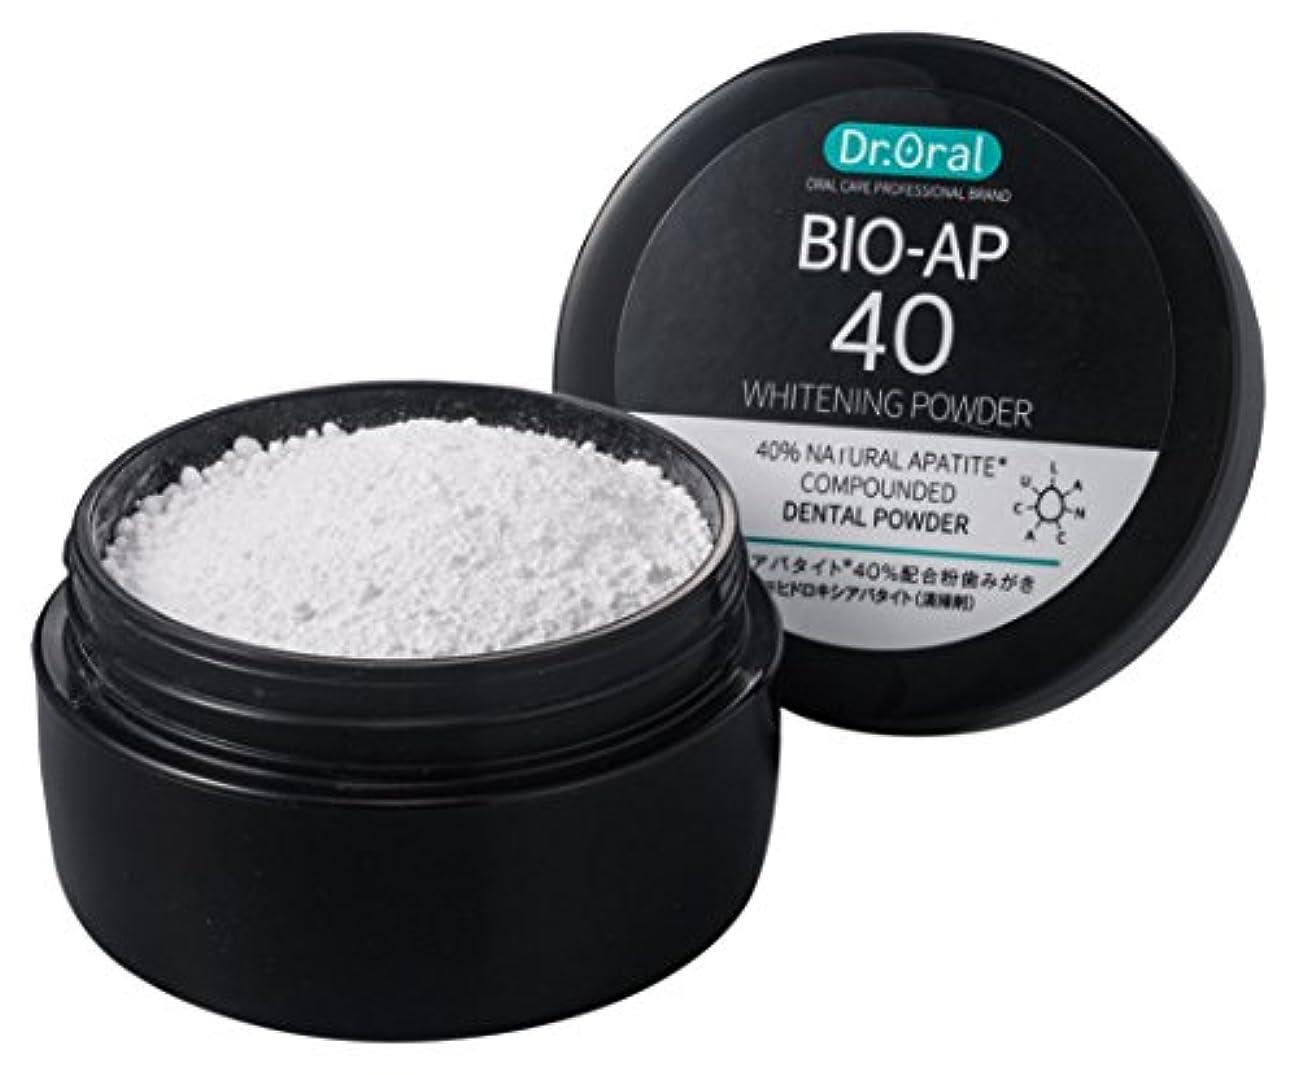 哀見込みポイントドクターオーラル (Dr.Oral) Dr.オーラル ホワイトニングパウダー 天然アパタイト40% 配合 単品 26g